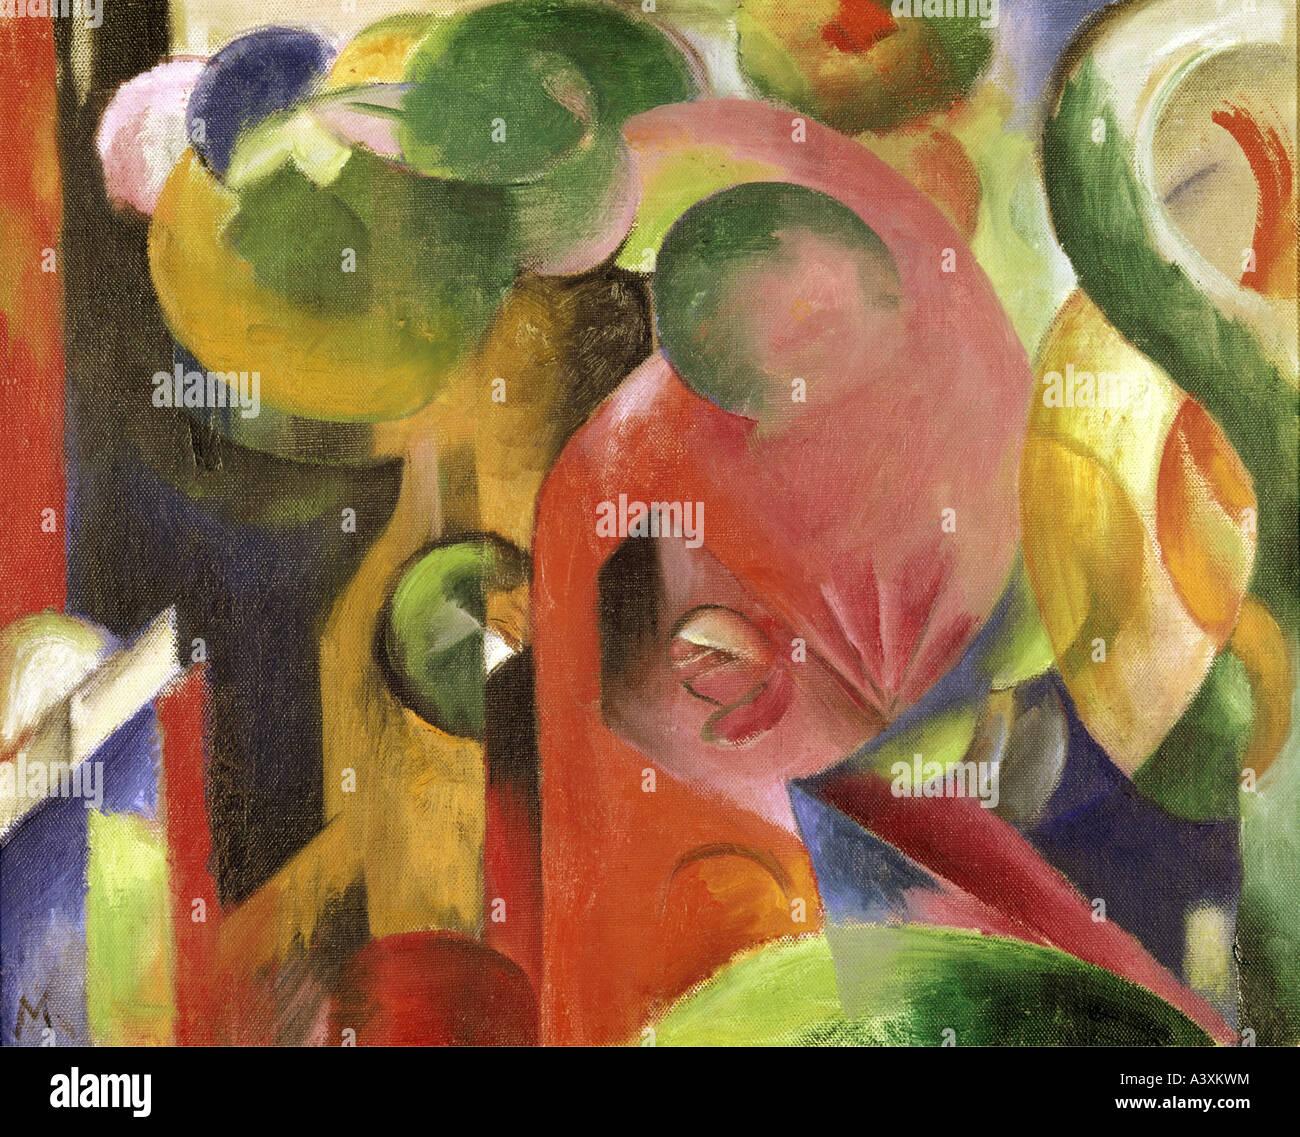 """""""Belle Arti, Marc Franz, (1880 - 1916), pittura, """"Kleine Komposition III' ('small composizione III""""), 1913 - 1914, olio su c Foto Stock"""